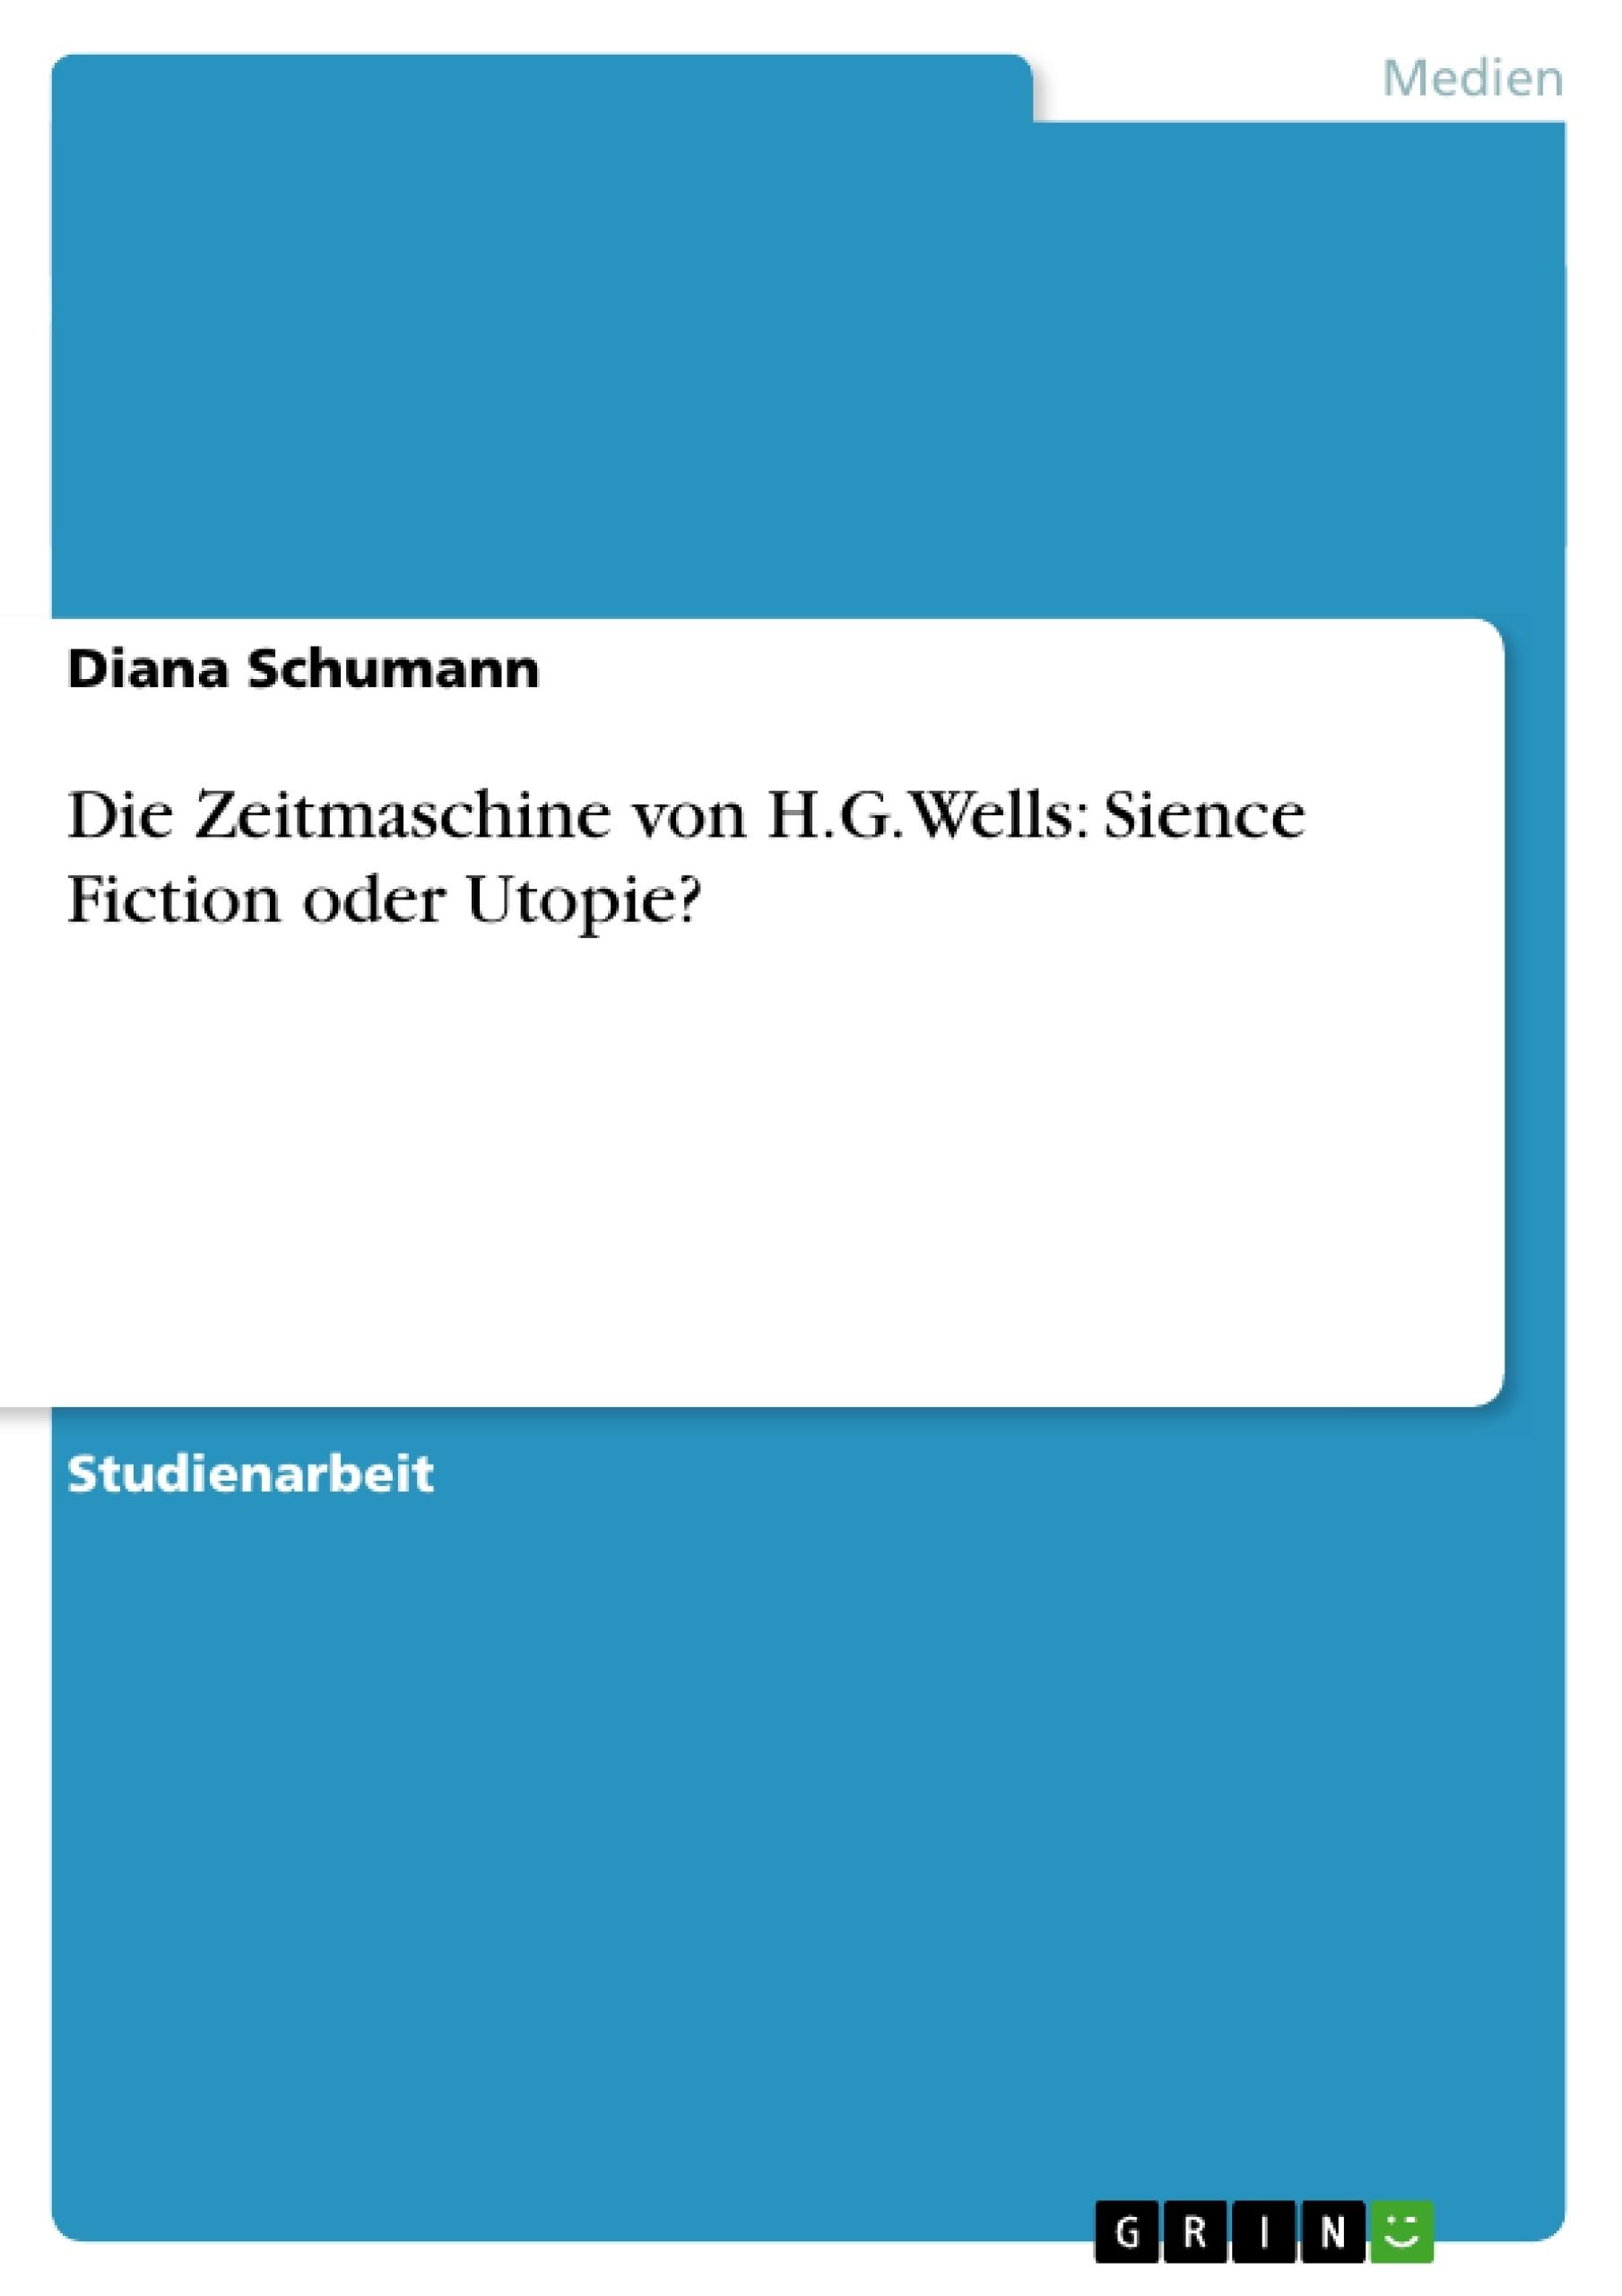 Titel: Die Zeitmaschine von H.G.Wells: Sience Fiction oder Utopie?